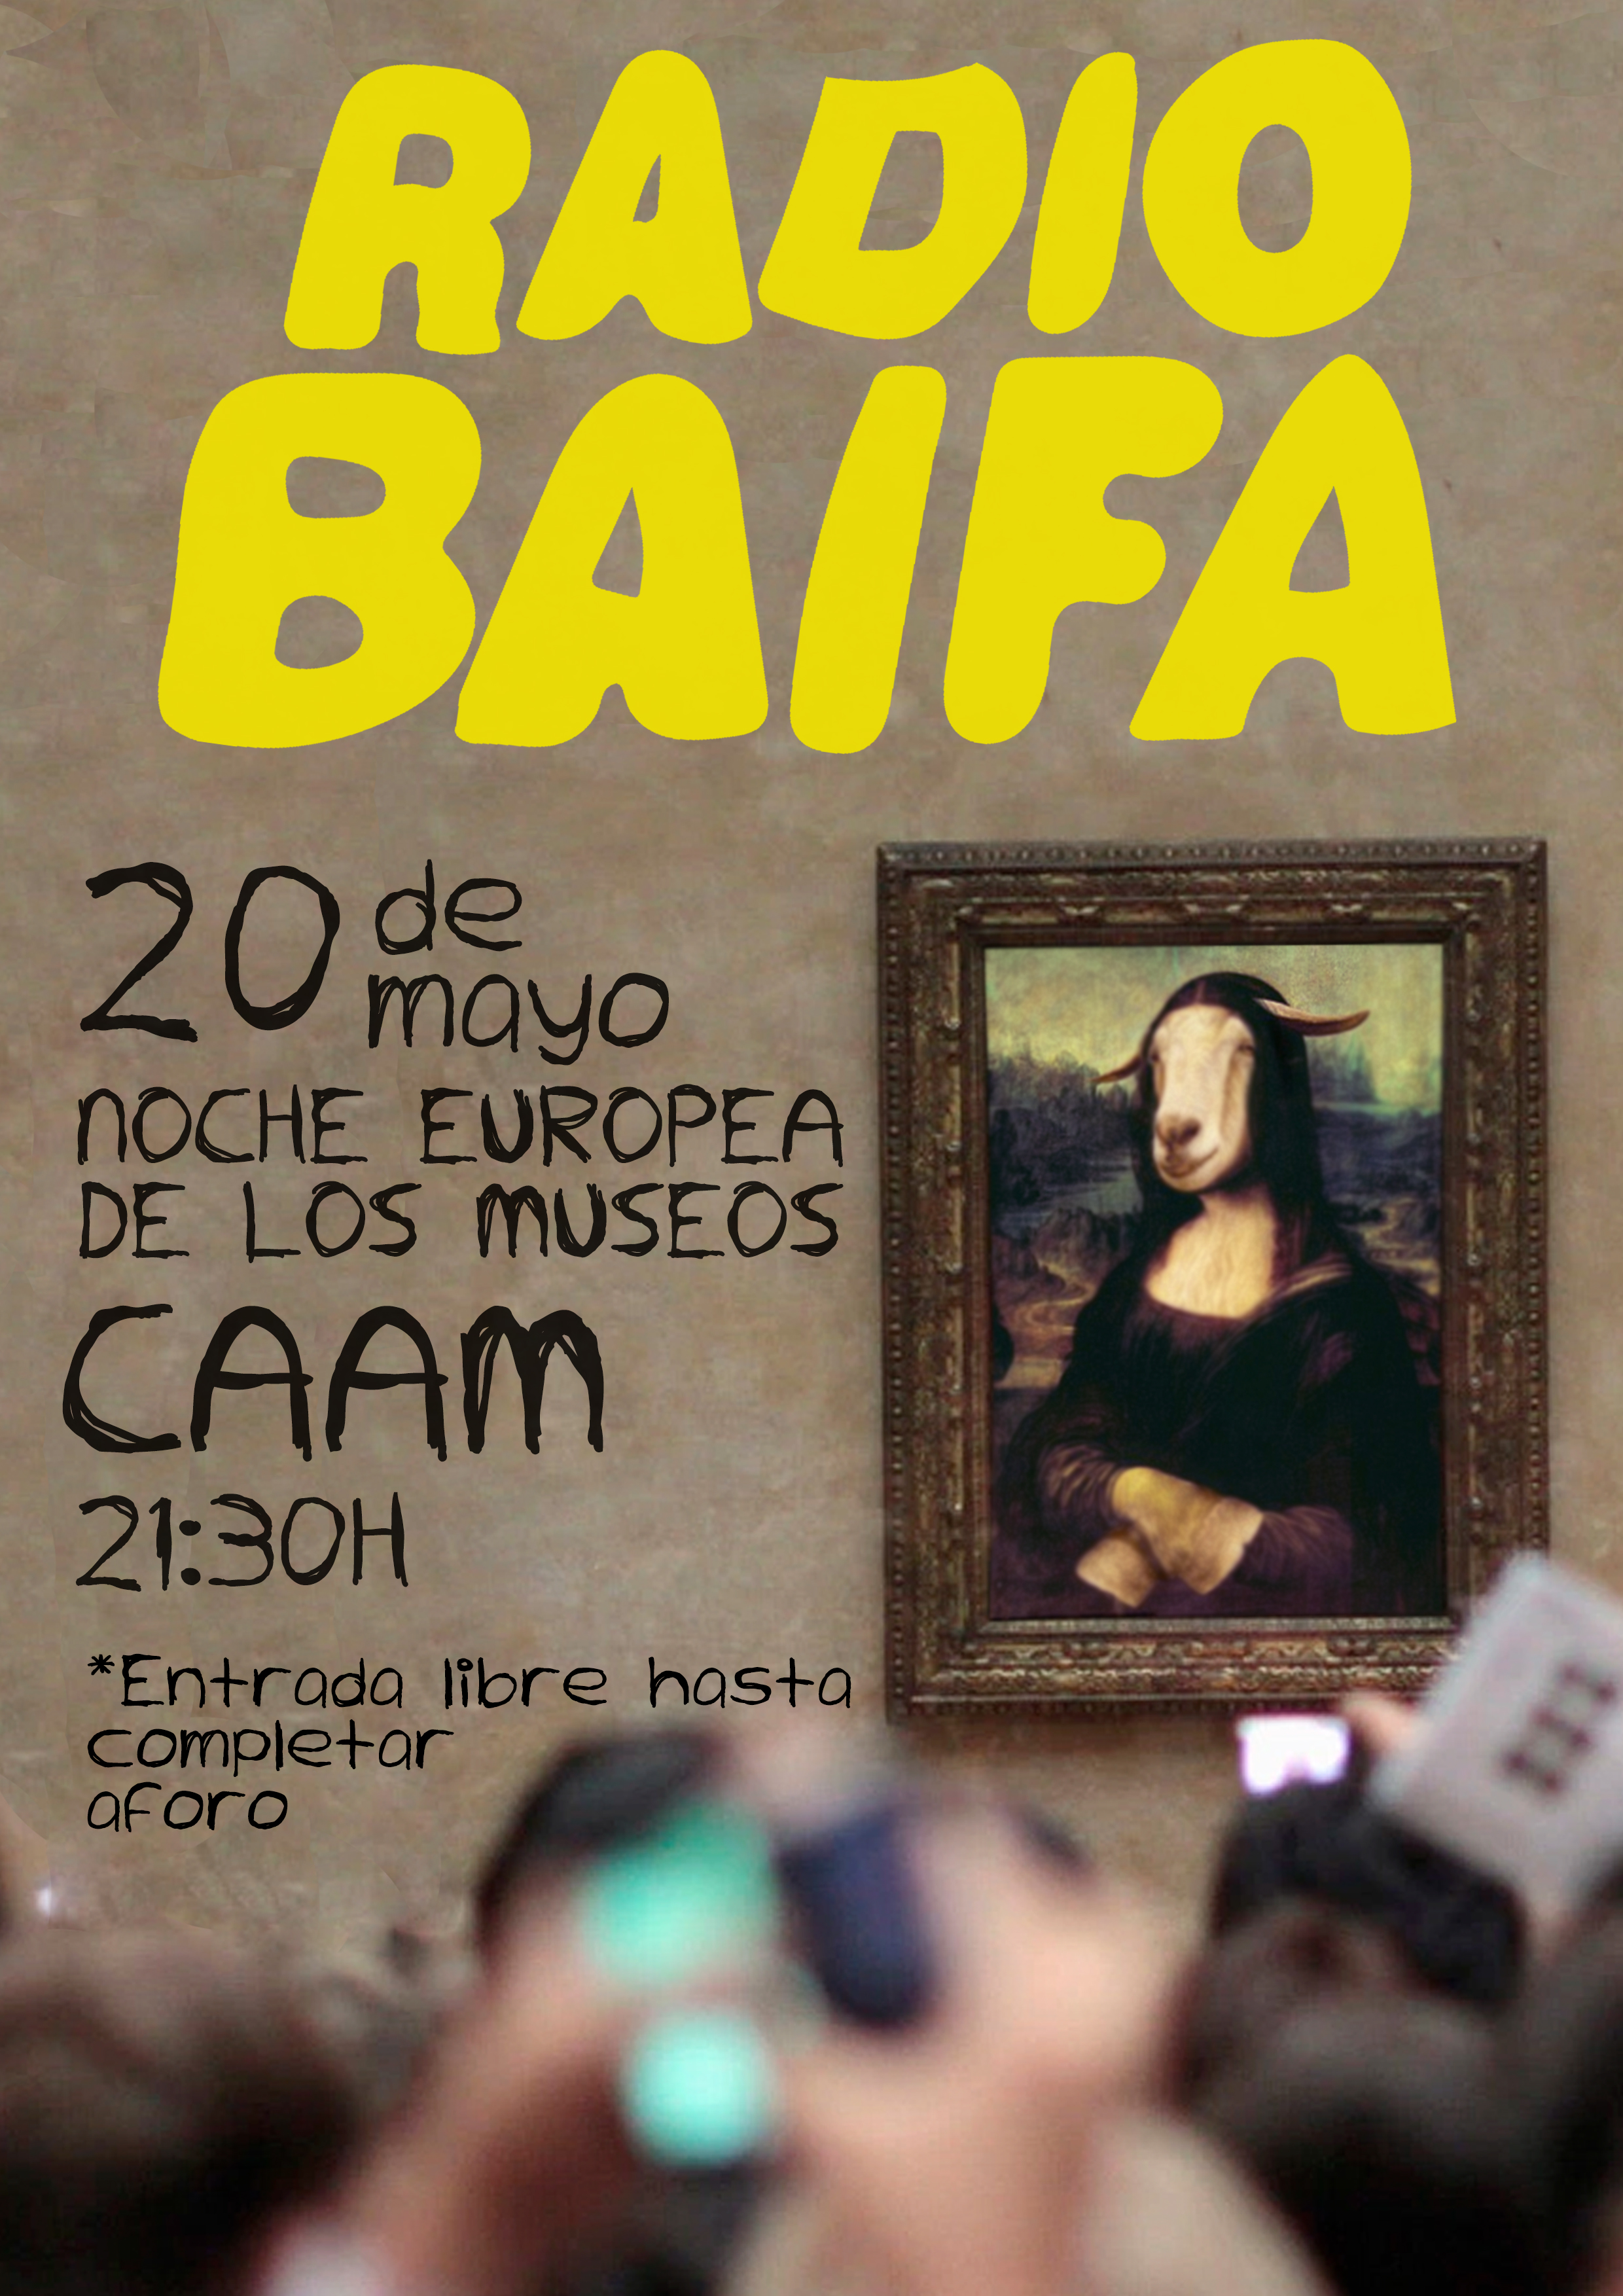 Radio Baifa en el Caam